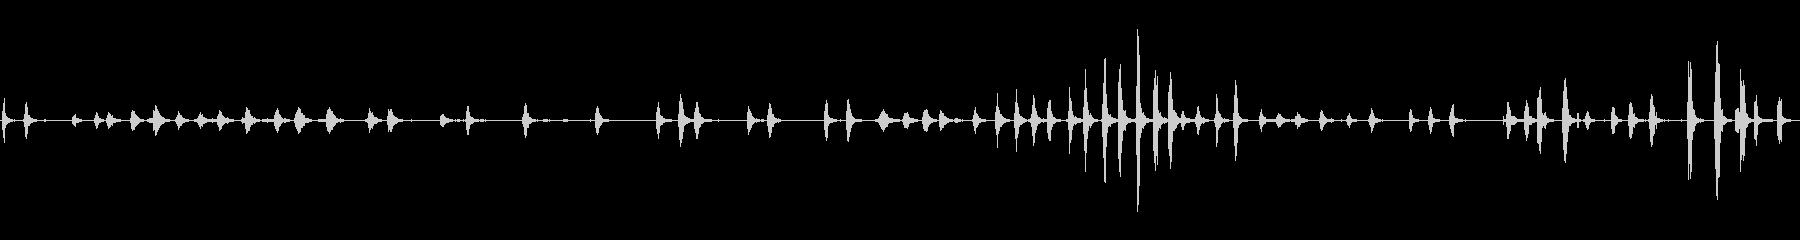 鶏の鳴き声、スコーク、フラッター1の未再生の波形